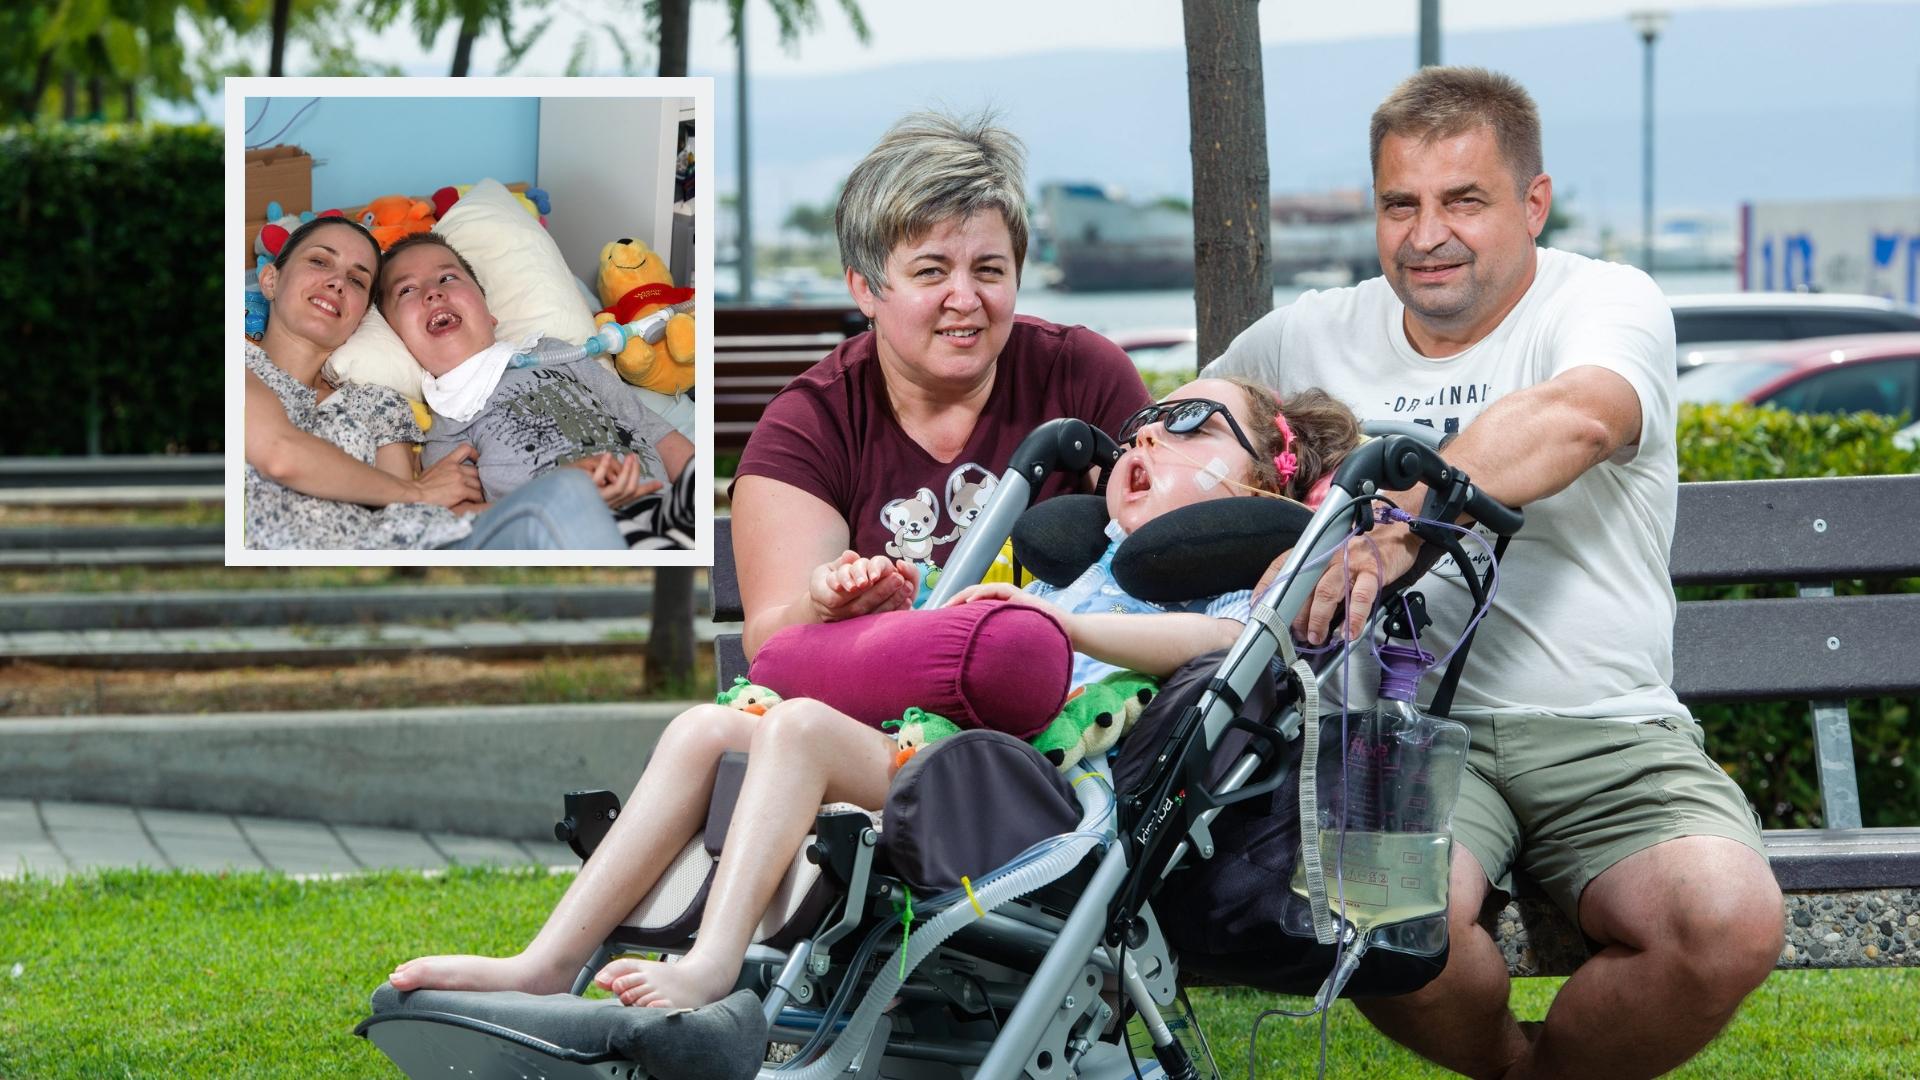 Jana i Mate primjer su da ovaj lijek ipak djeluje kako su se njihovi roditelji i nadali.